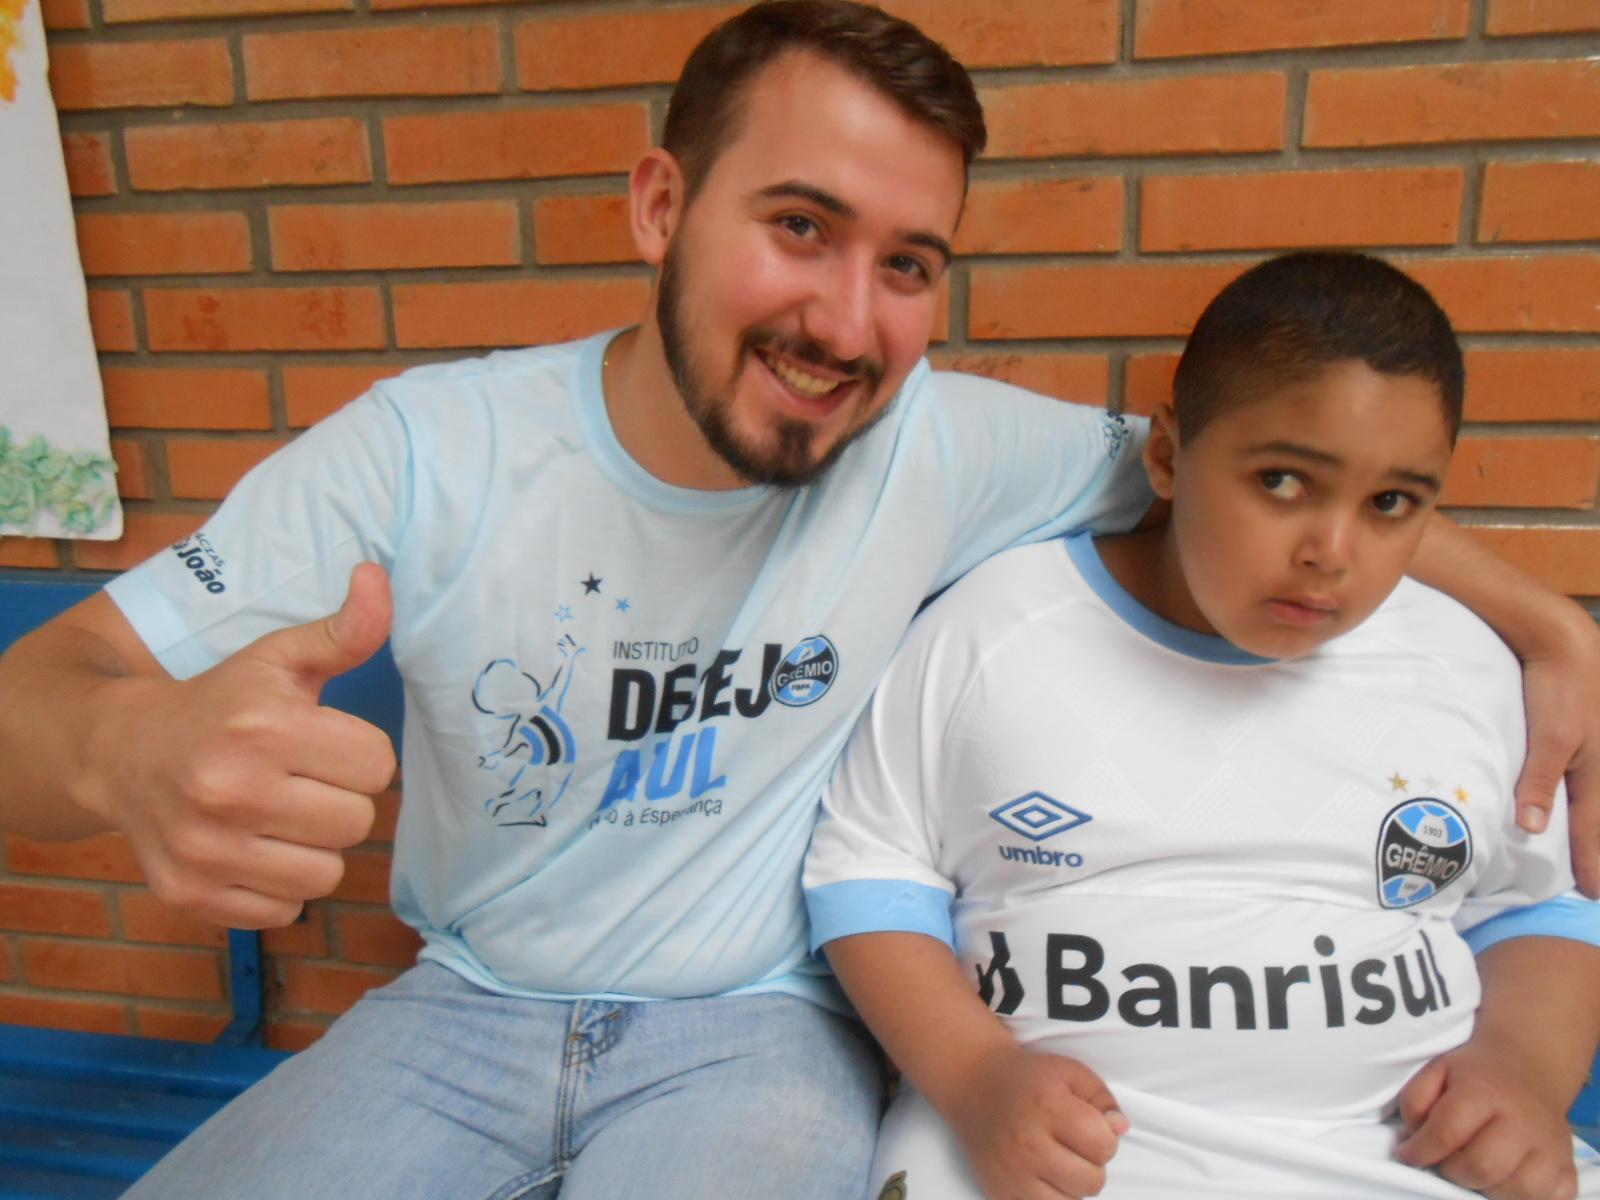 Ronald tem 7 anos e faz acompanhamento na Apae Nazarth em Porto Alegre . Dentro de seu mundo a parte o Tricolor tem um lugar de destaque no seu coração. Assim como o seu pai, Ronald é muito gremista. Ronald ganhou a camiseta branca oficial do Grêmio do voluntário Leonardo Machado.